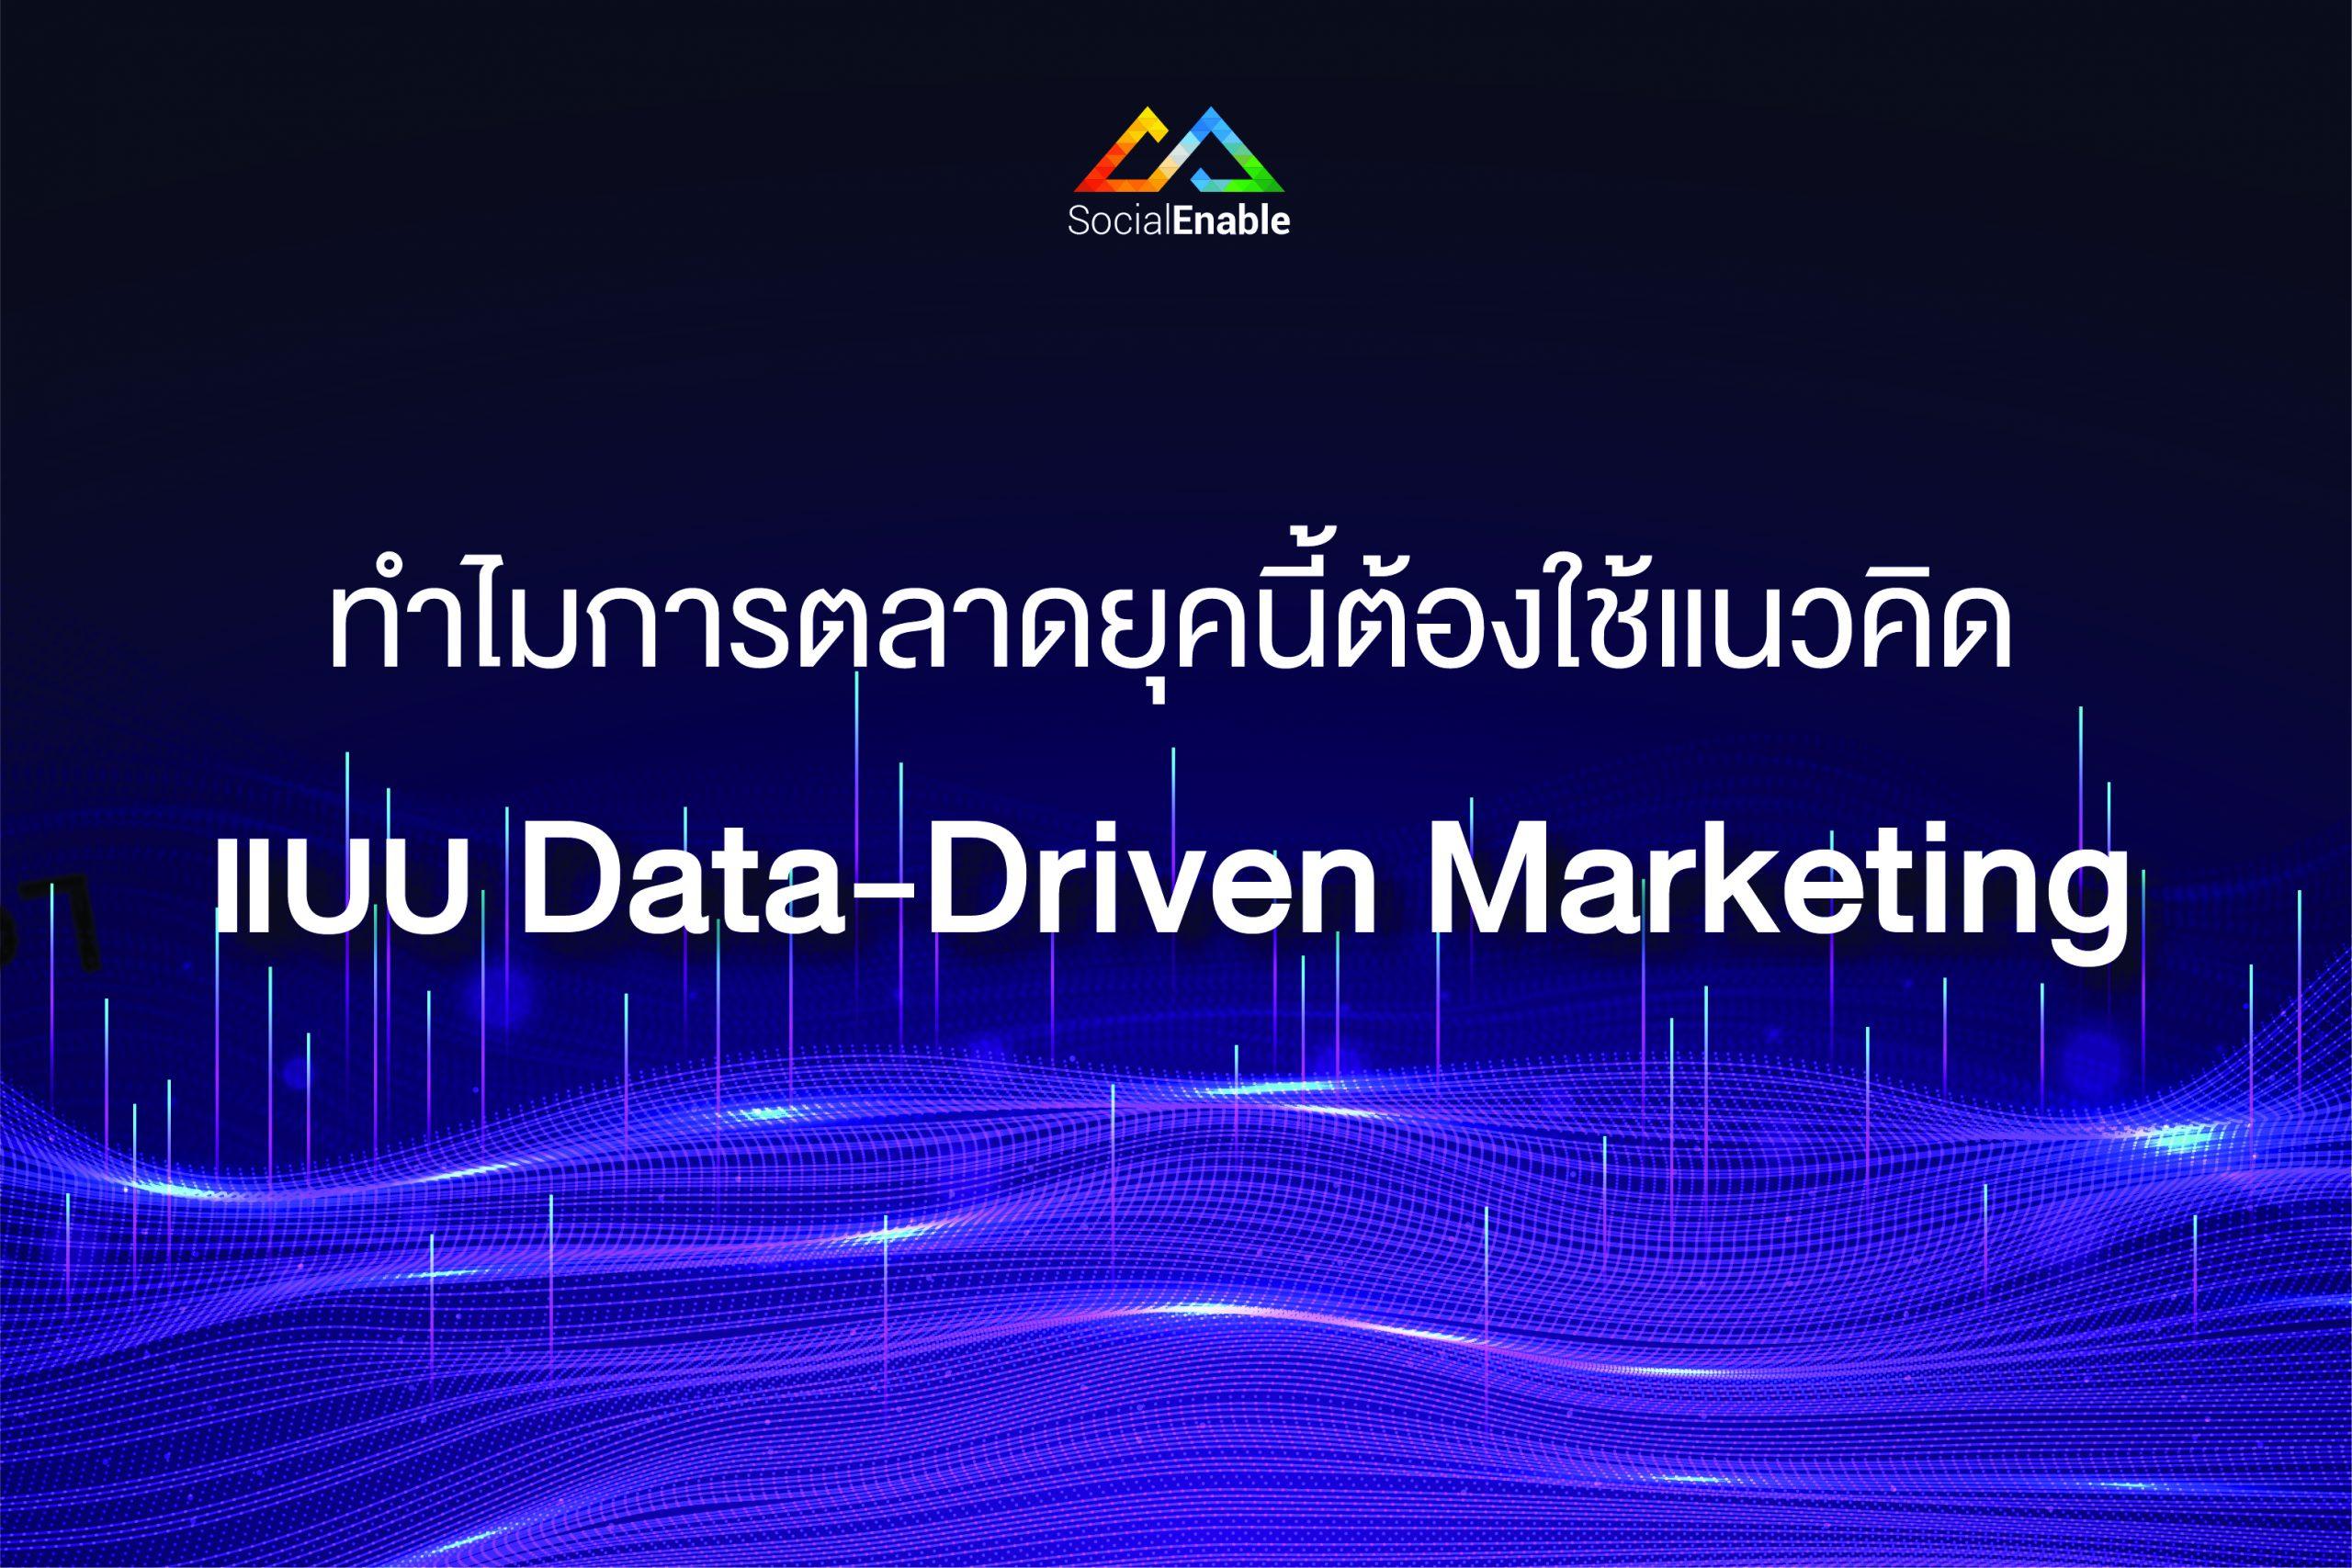 """ทำไมการตลาดยุคนี้ต้องใช้แนวคิดแบบ """"Data-Driven Marketing"""""""